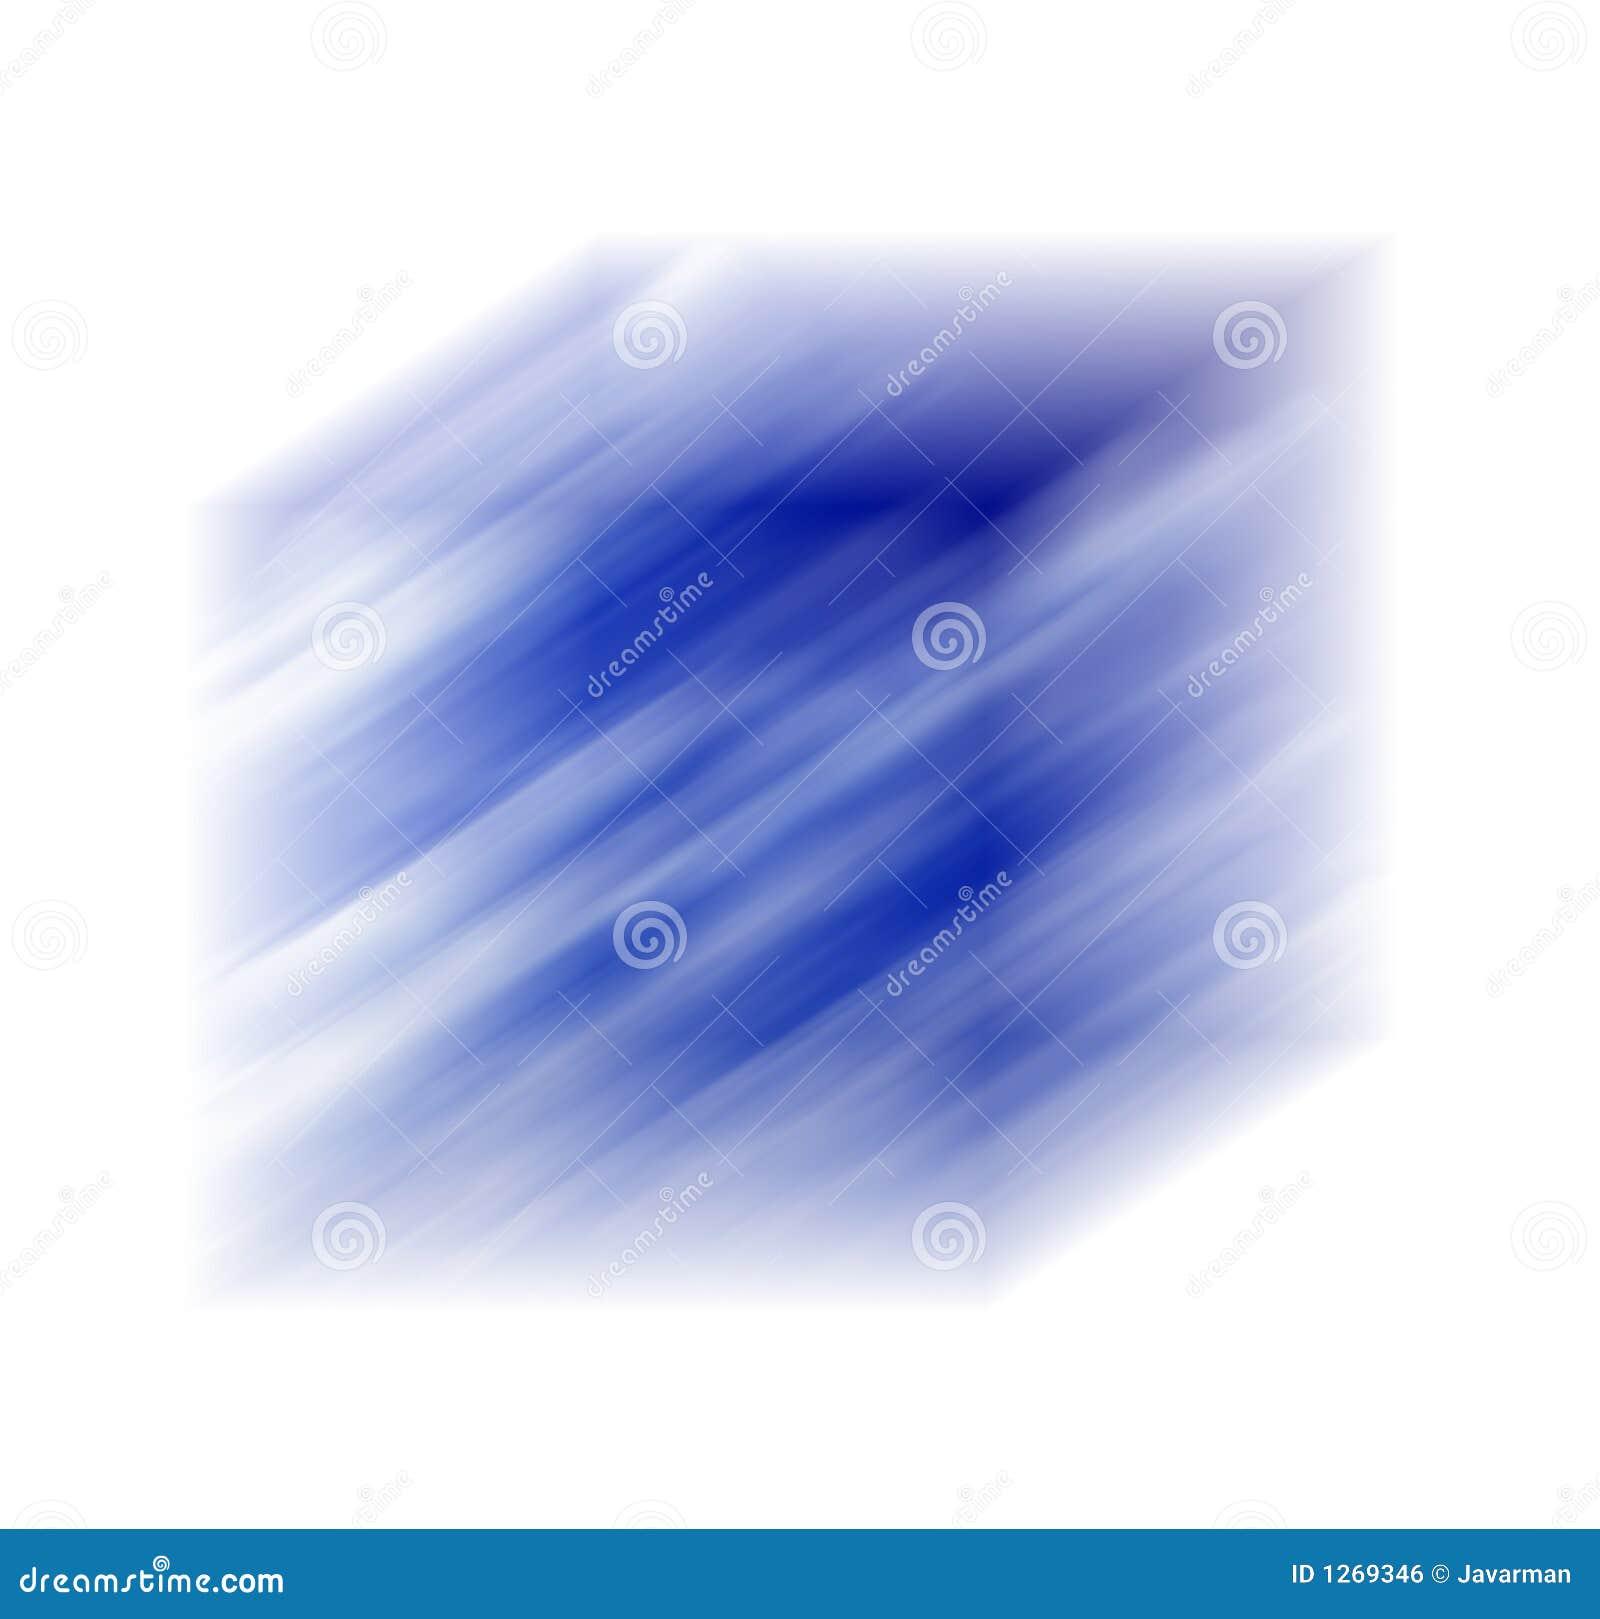 Cubo bluered azul